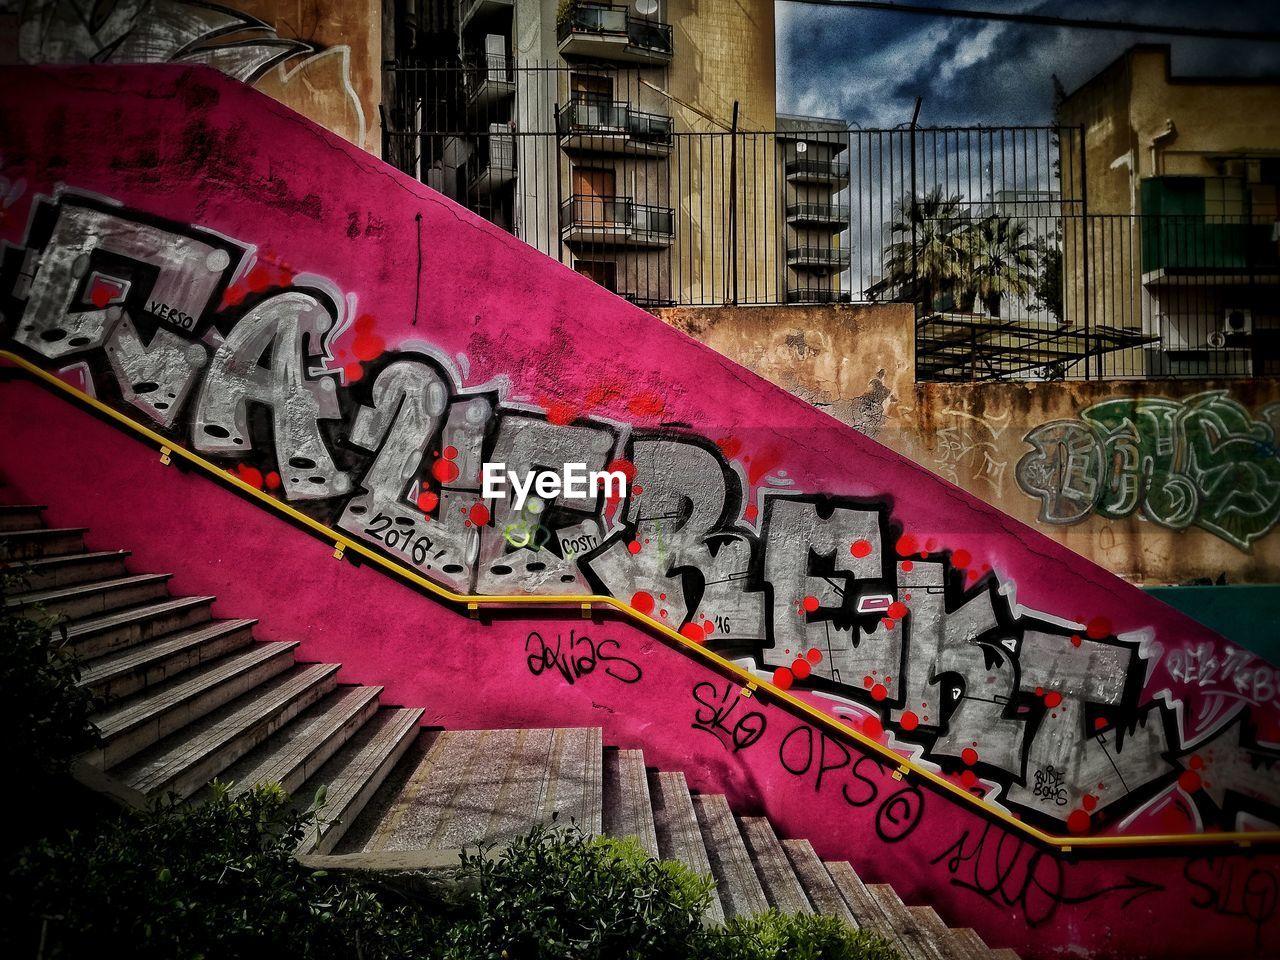 CLOSE UP OF GRAFFITI ON WALL